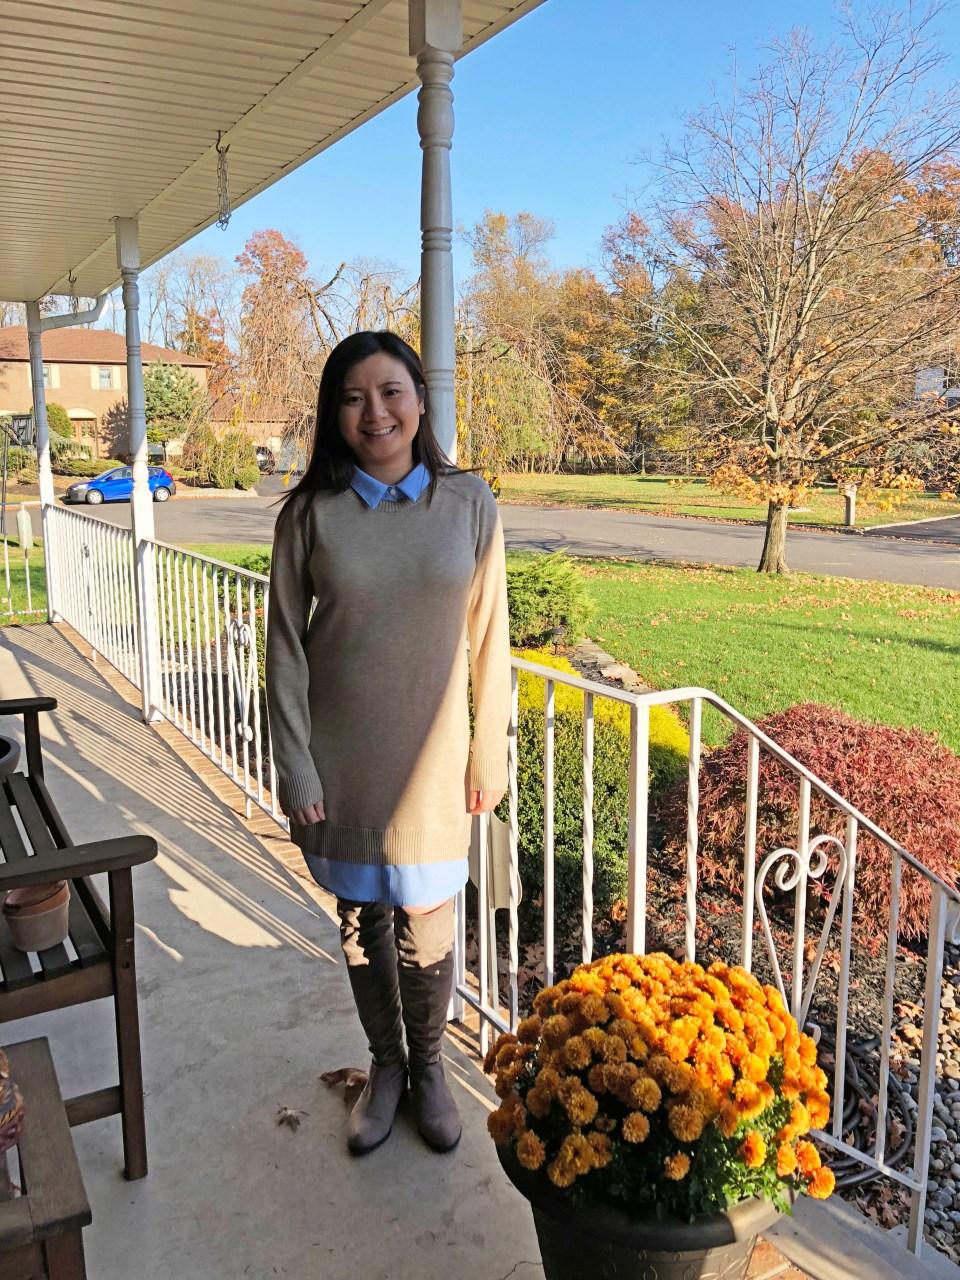 Oxford Blue Shirt Sweater Dress 9